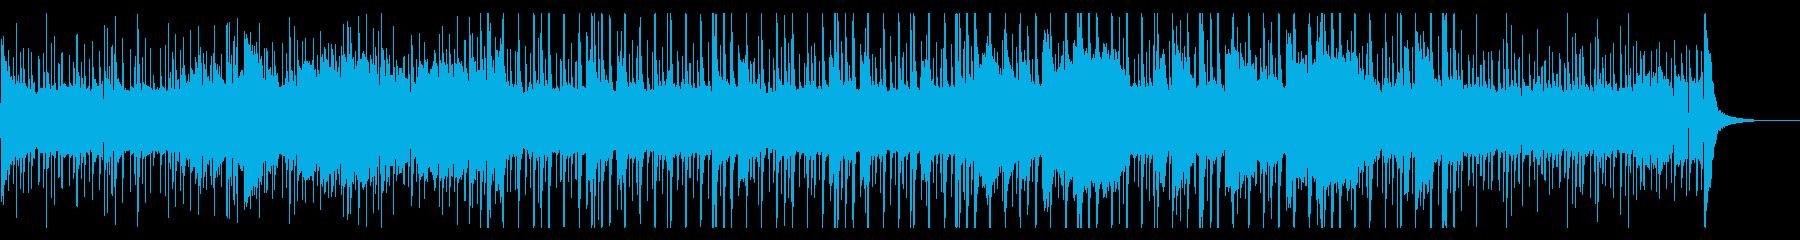 おしゃれなカジュアルジャズの再生済みの波形